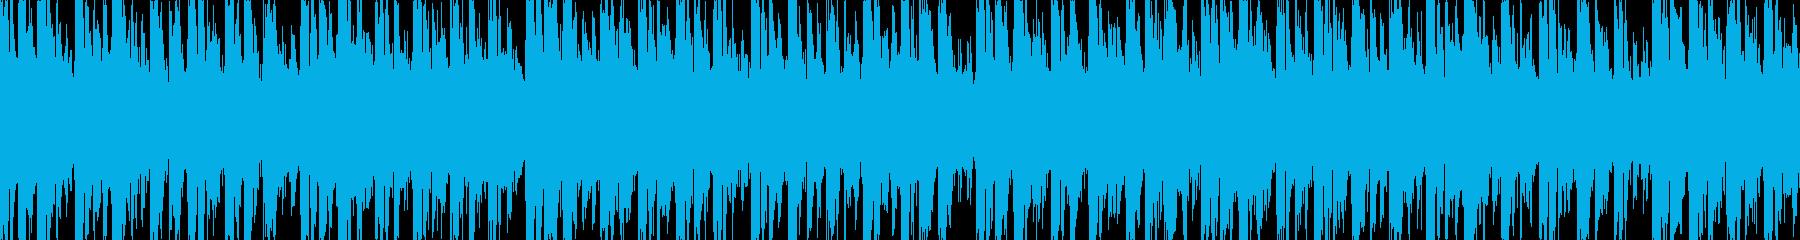 ローファイながらも飽きないBGMの再生済みの波形